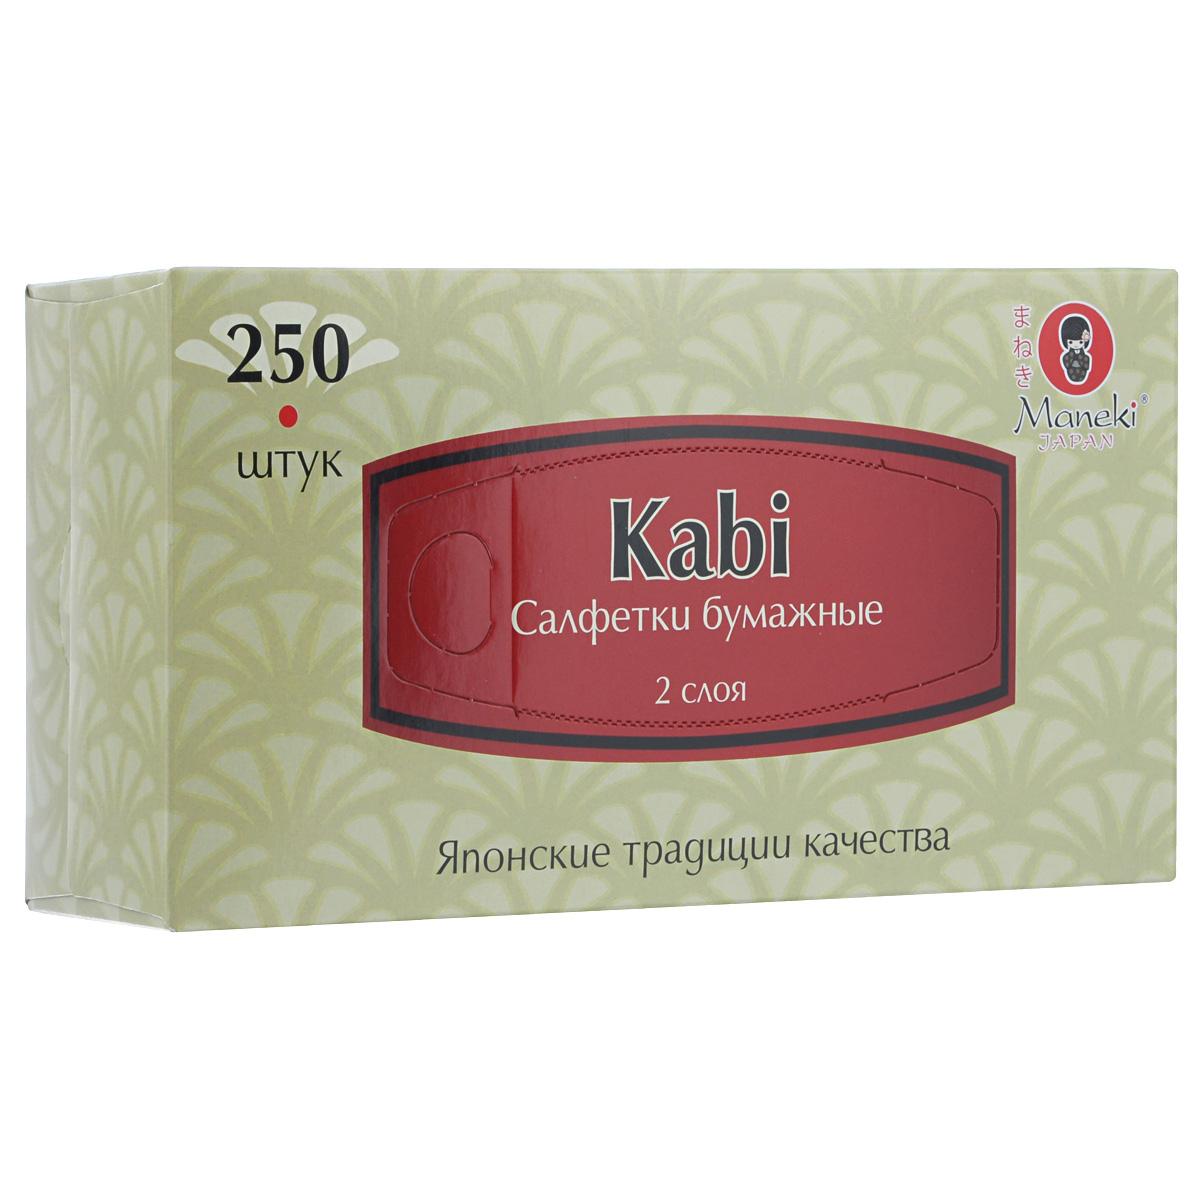 Салфетки бумажные Maneki Kabi, двухслойные, 21 х 19,6 см, 250 штFT371Универсальные двухслойные салфетки Maneki Kabi выполнены из высококачественного целлюлозного сырья. Салфетки подходят для косметического, санитарно-гигиенического и хозяйственного назначения. Изделия обладают хорошими впитывающими свойствами. Салфетки имеют мягкую и нежную текстуру. При извлечении из коробки салфетки не рвутся. Размер салфеток: 21 х 19,6 см.